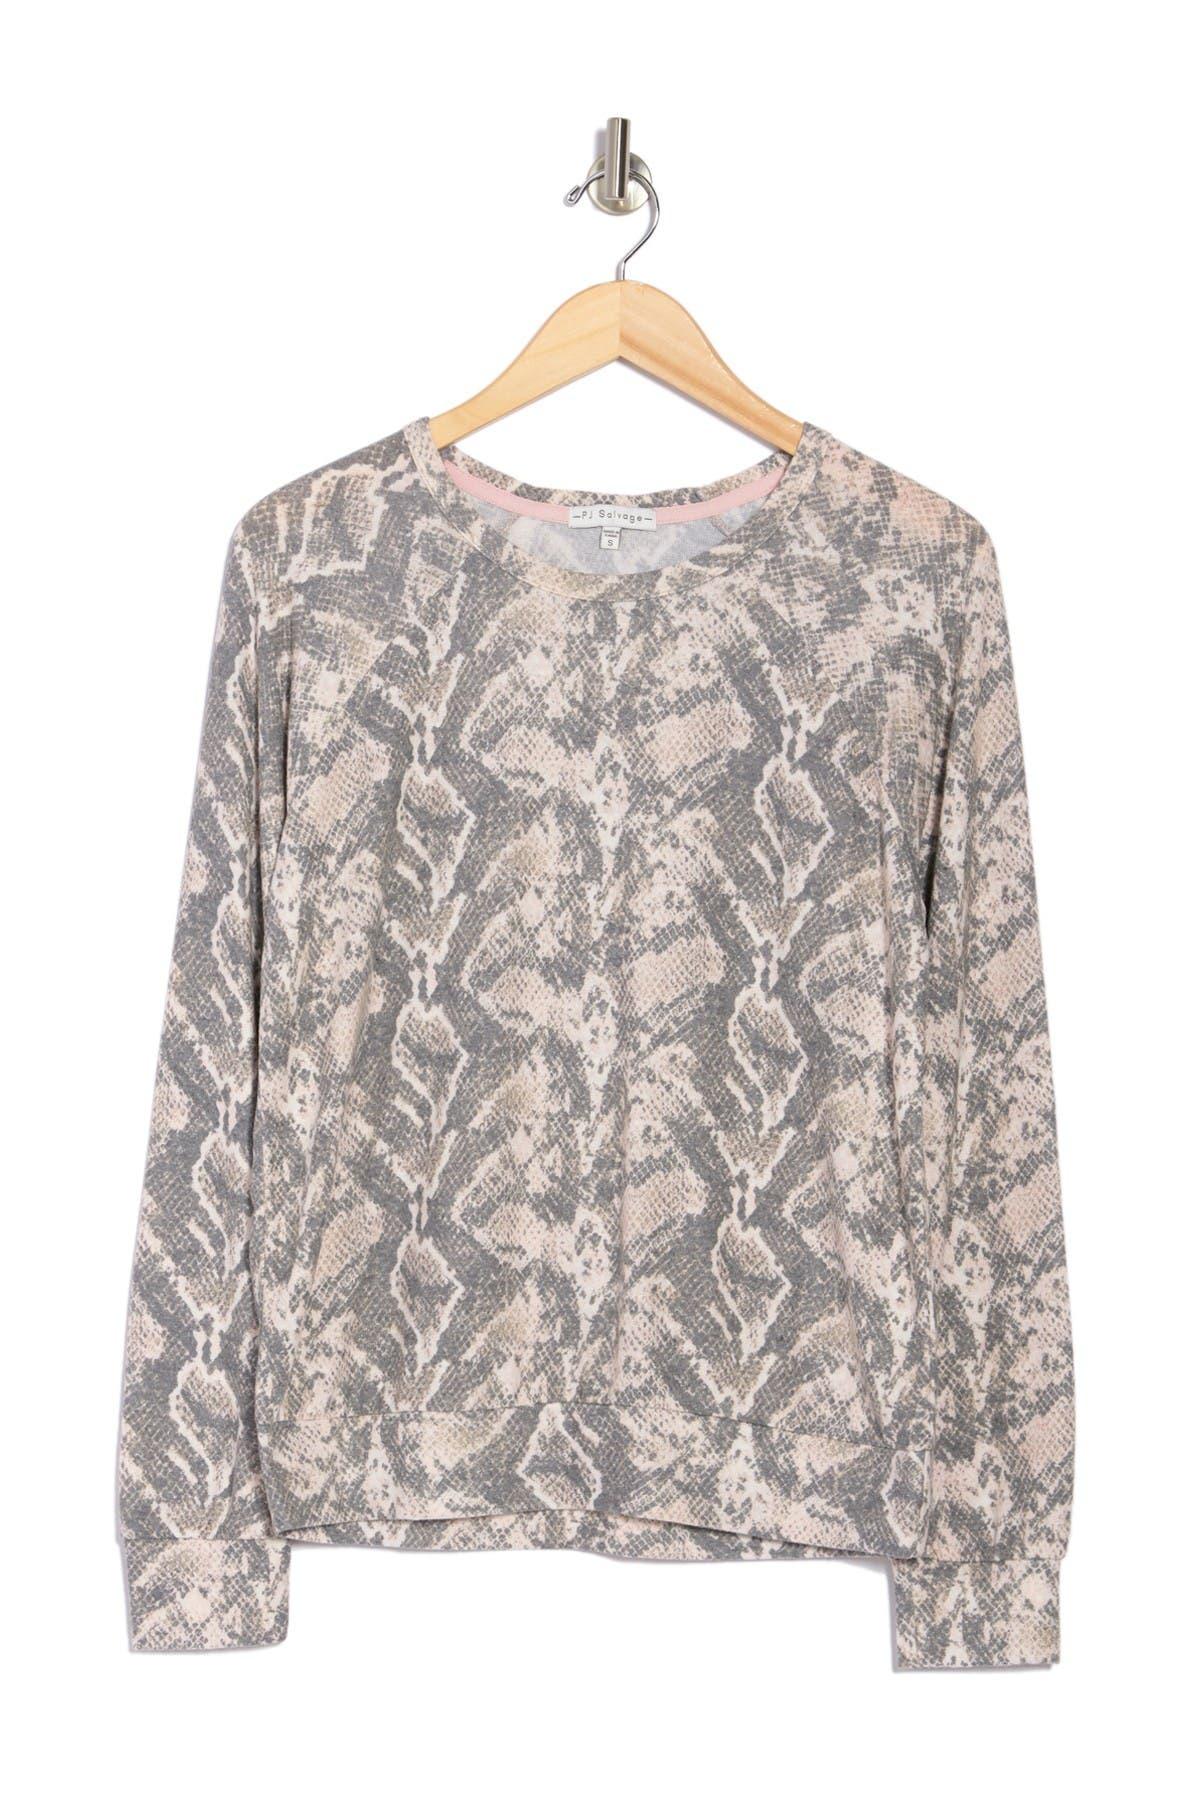 PJ SALVAGE Long Sleeve Printed Top